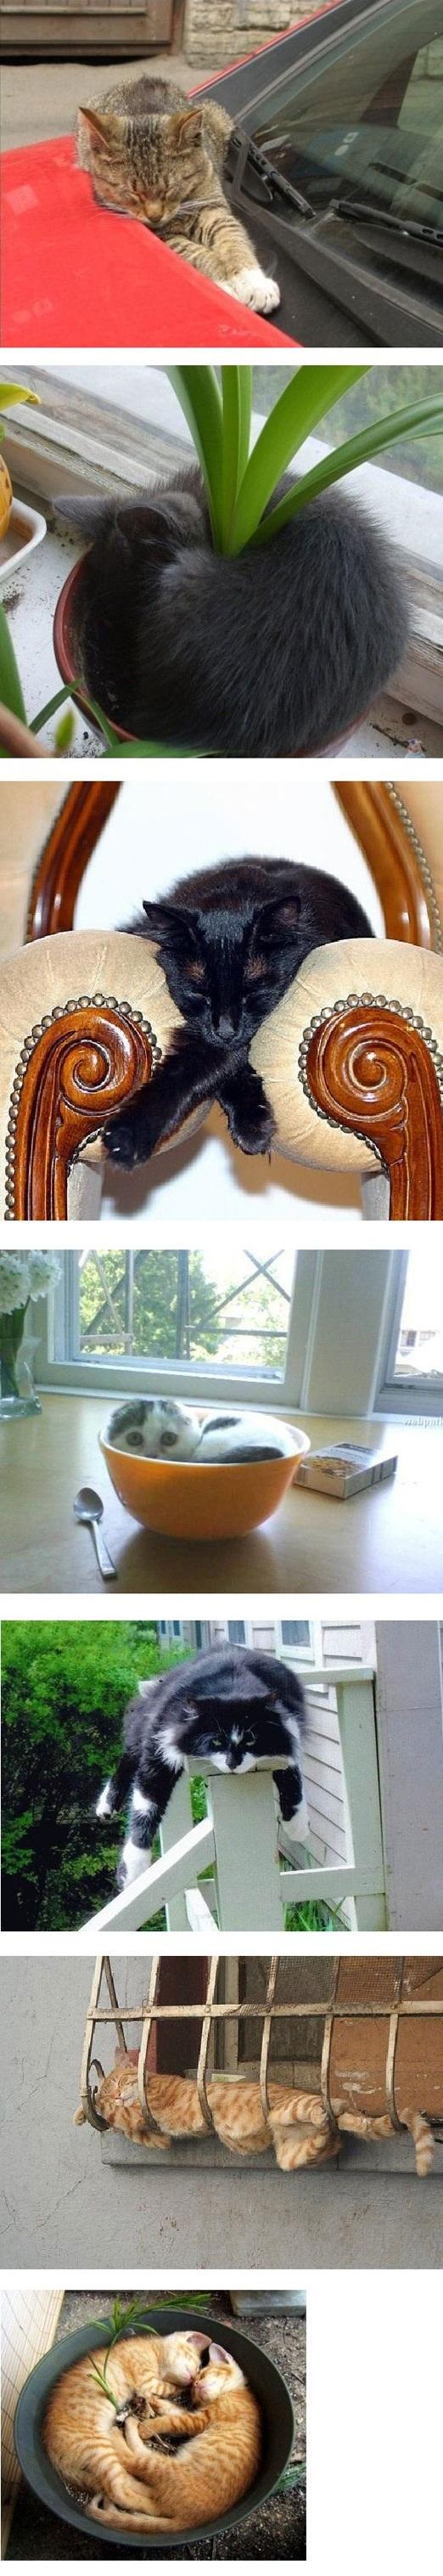 جایی برای خوابیدن! /تصاویر